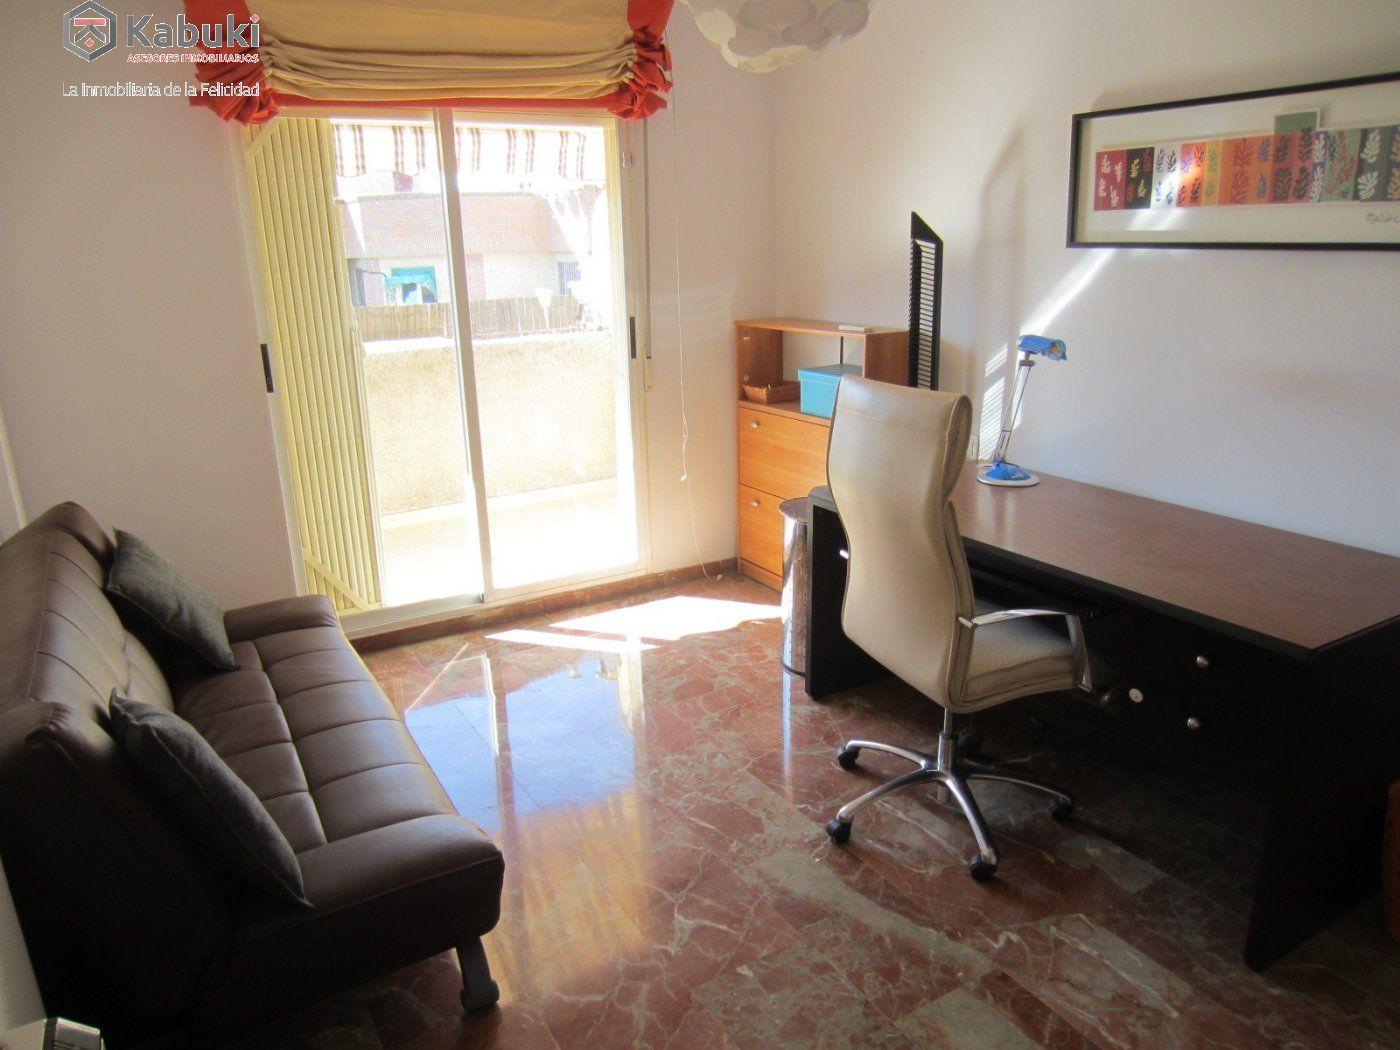 Ático con vistas despejadas en zona residencial, 3 dormitorios, inmejorables calidades - imagenInmueble26